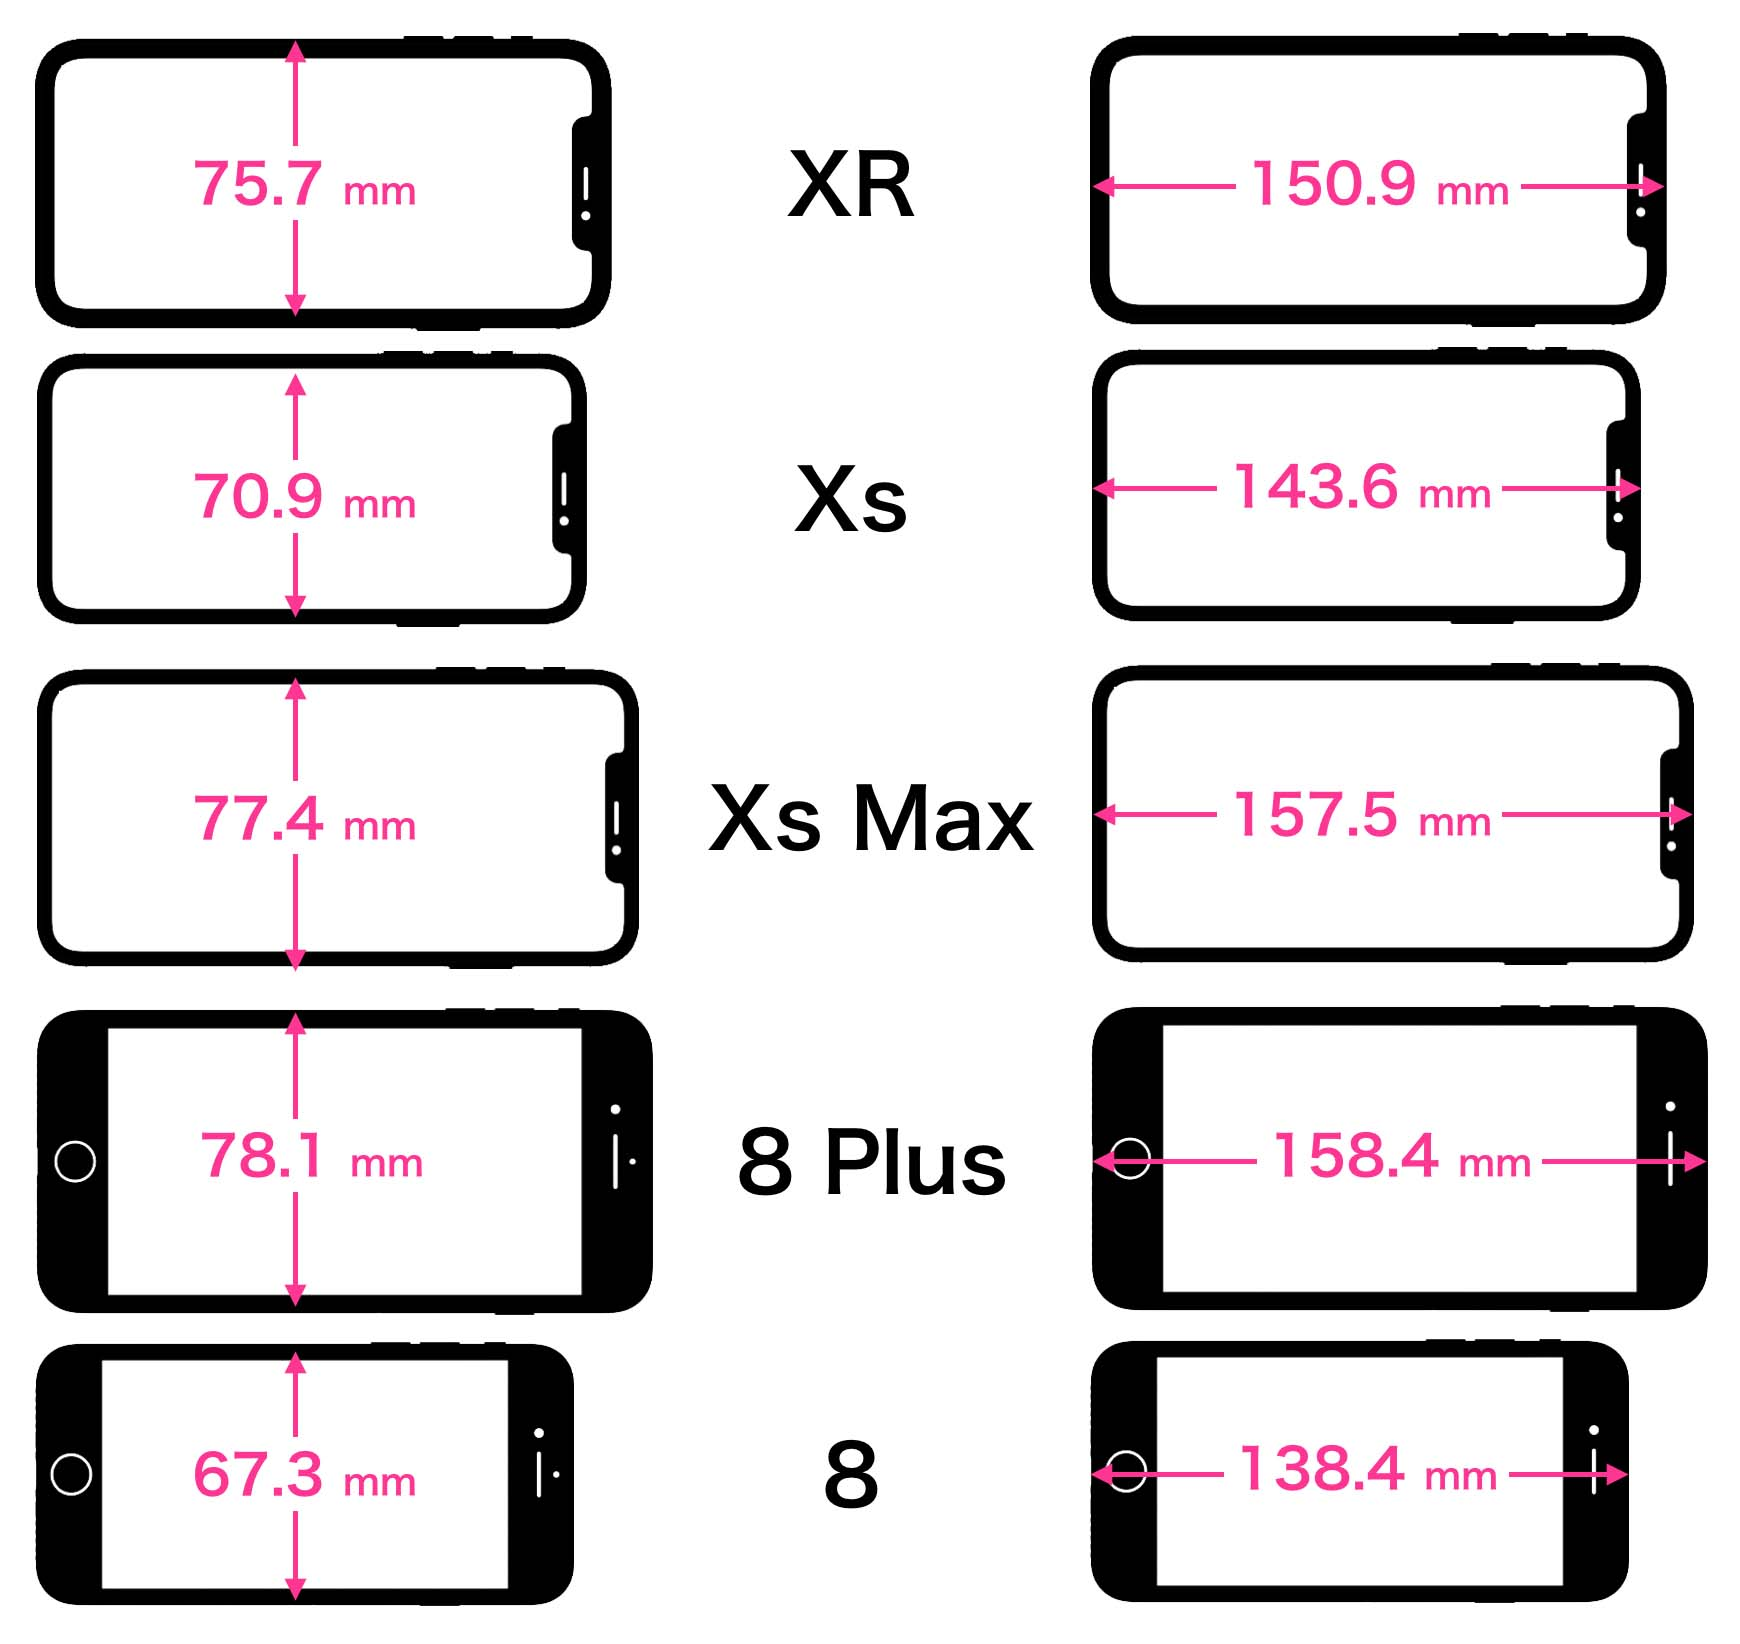 iPhoneの外形サイズの比較